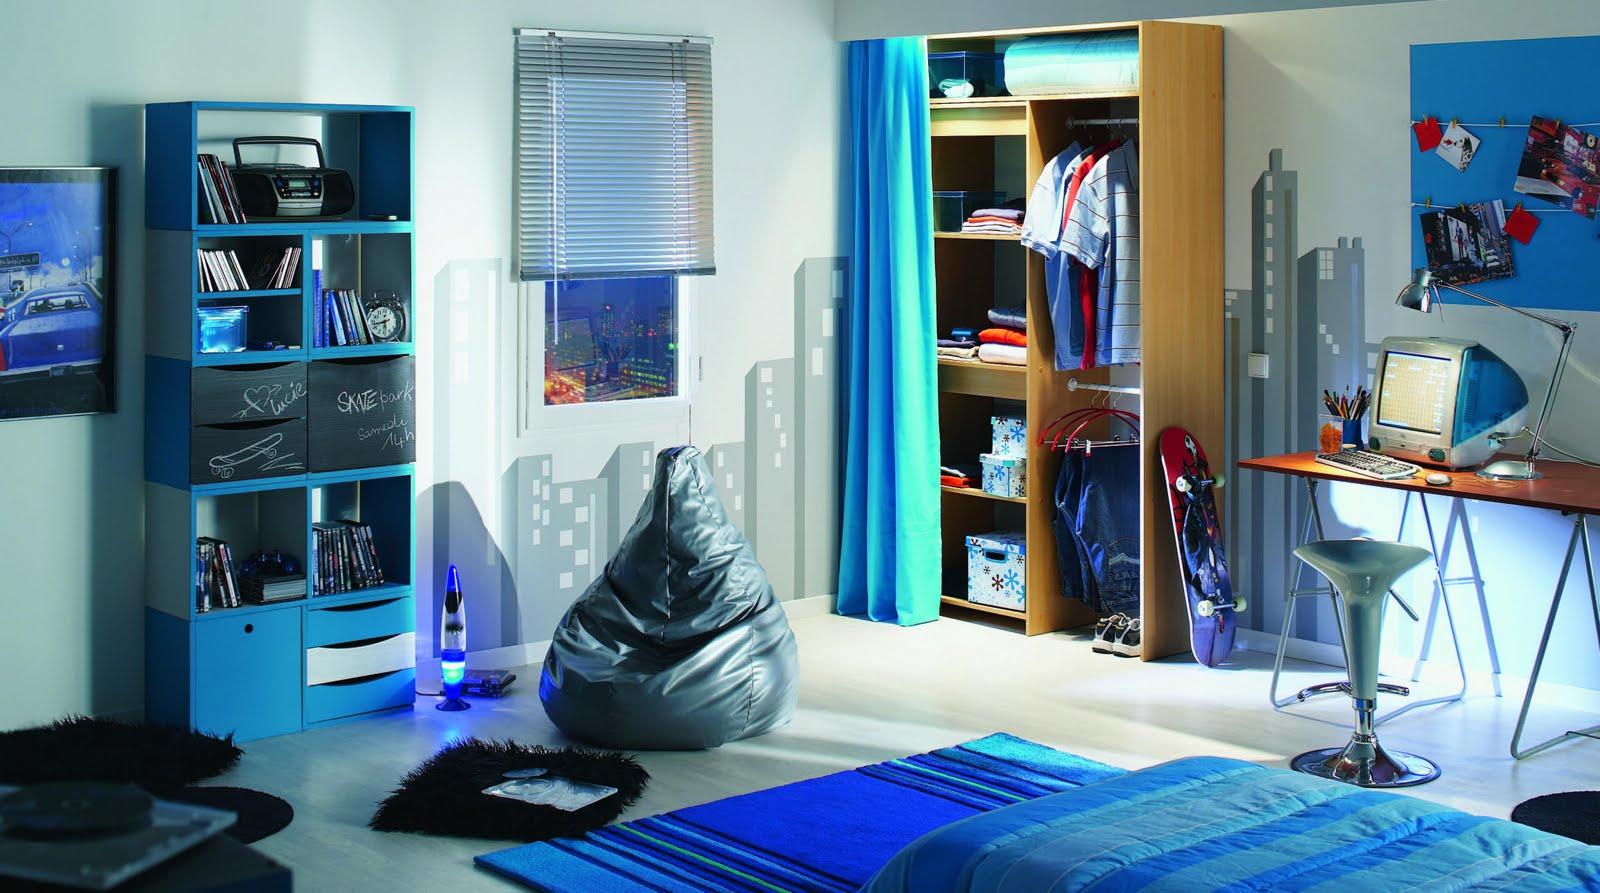 design chambre ado design chambre ado. Black Bedroom Furniture Sets. Home Design Ideas